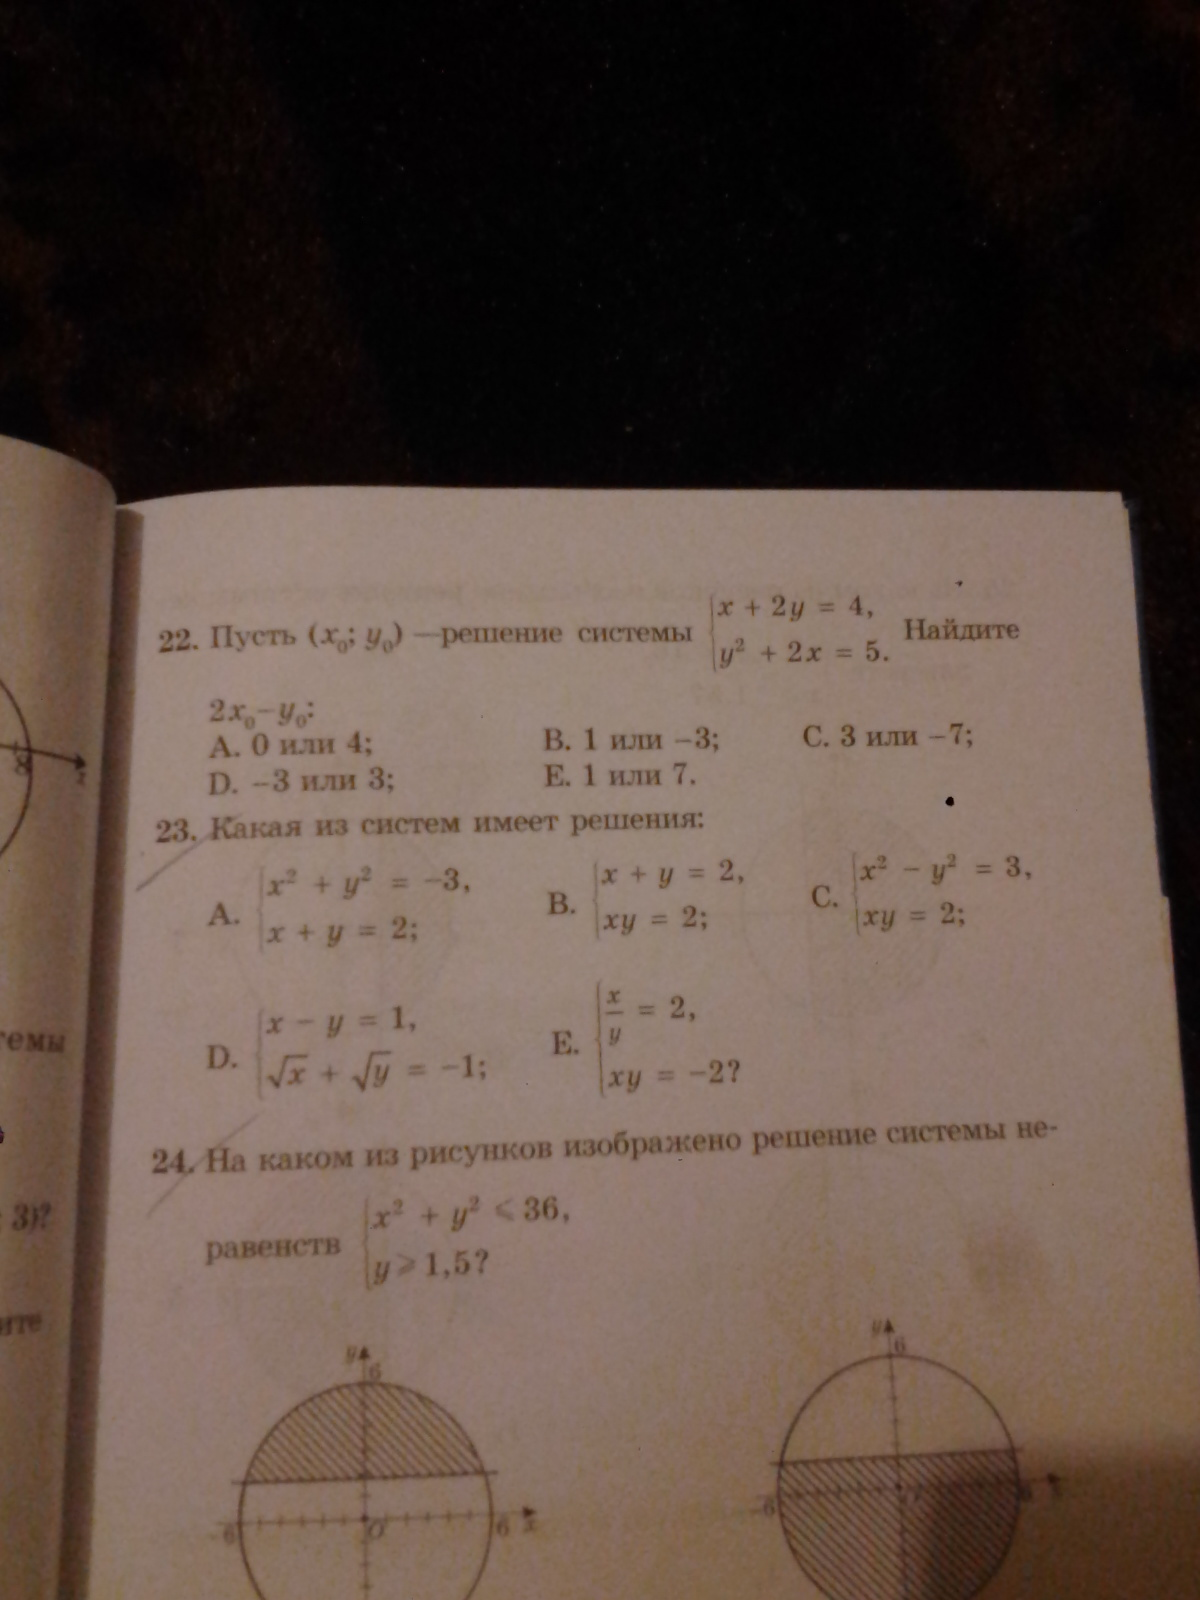 Pust X0 Y0 Reshenie Sistemy X 2y 4 Y 2 2x 5 Najdite 2x0 Y0 Shkolnye Znaniya Com Using limits find the volume and this is very simple problem. x 2y 4 y 2 2x 5 najdite 2x0 y0